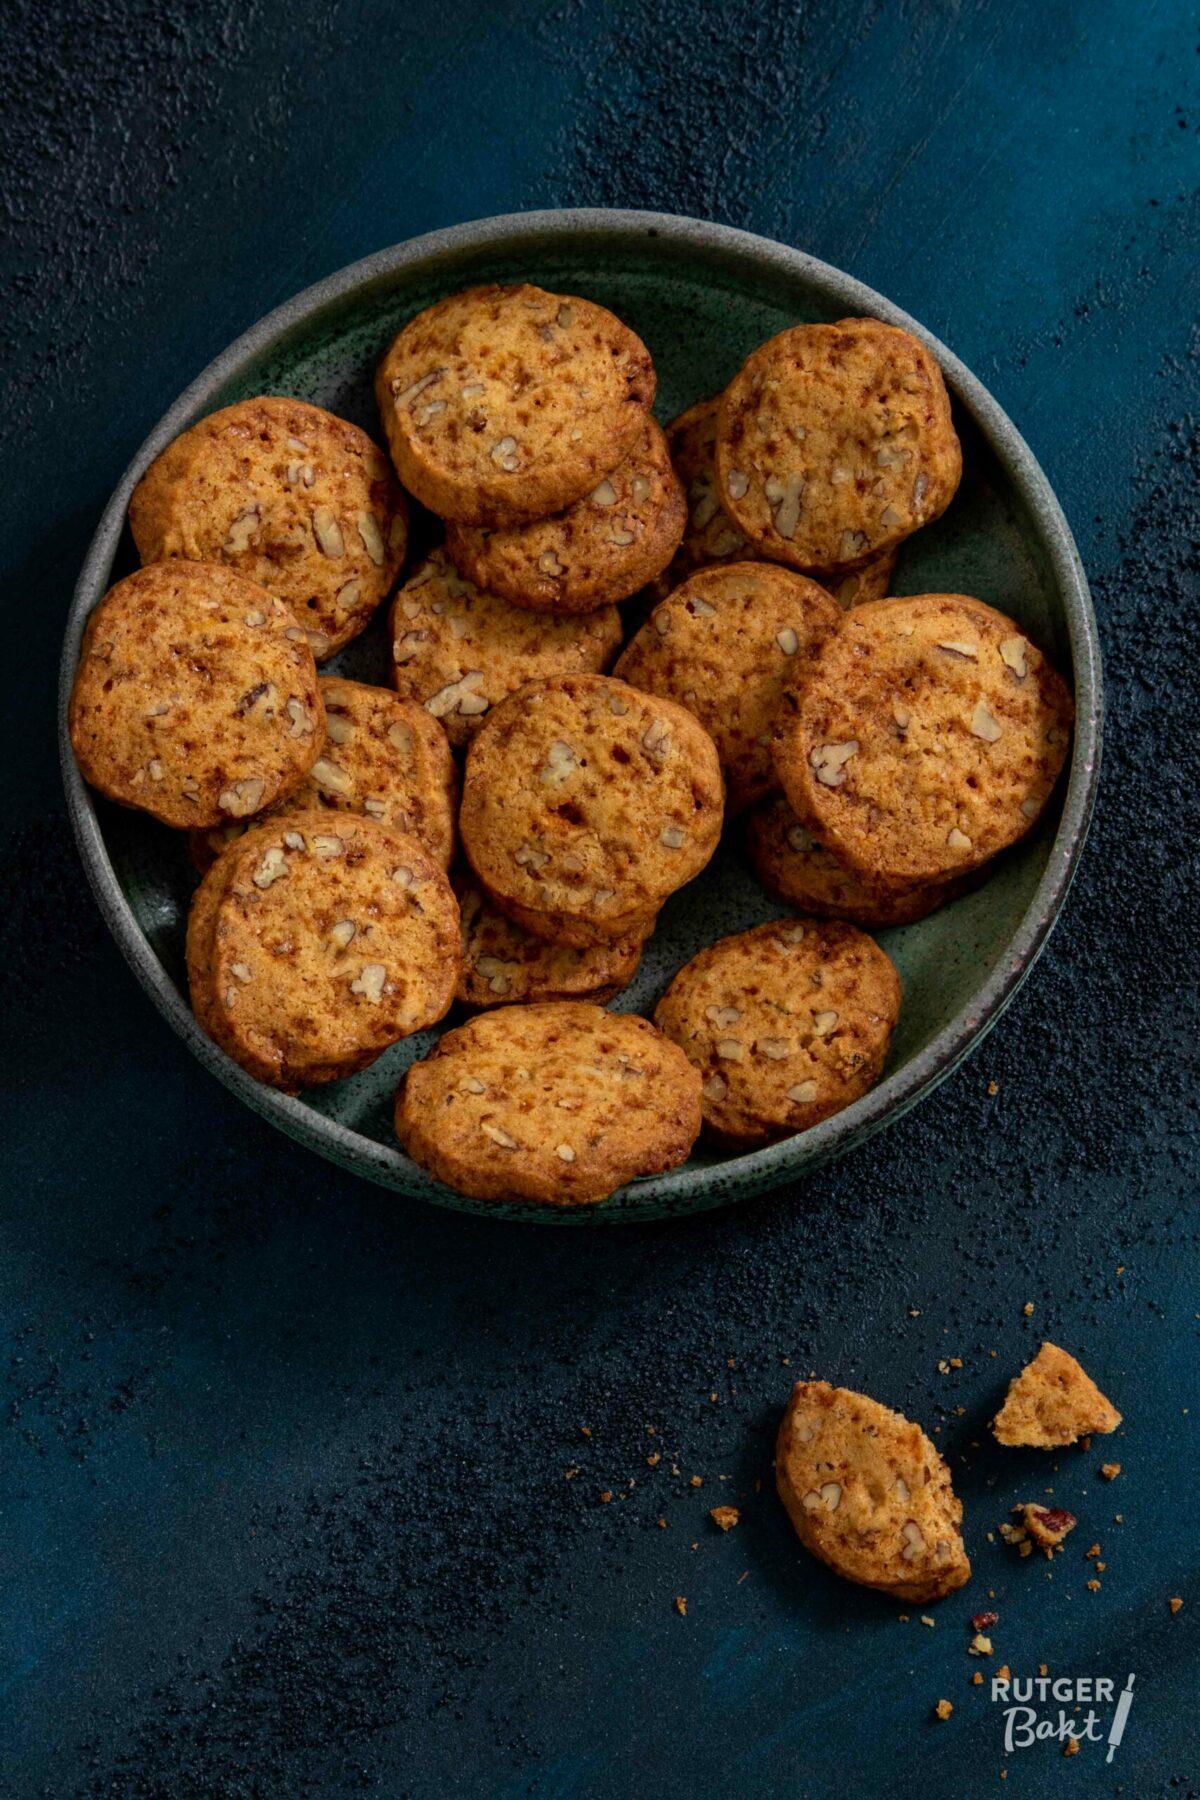 Karamel koekjes met pecannoot en sinaasappel